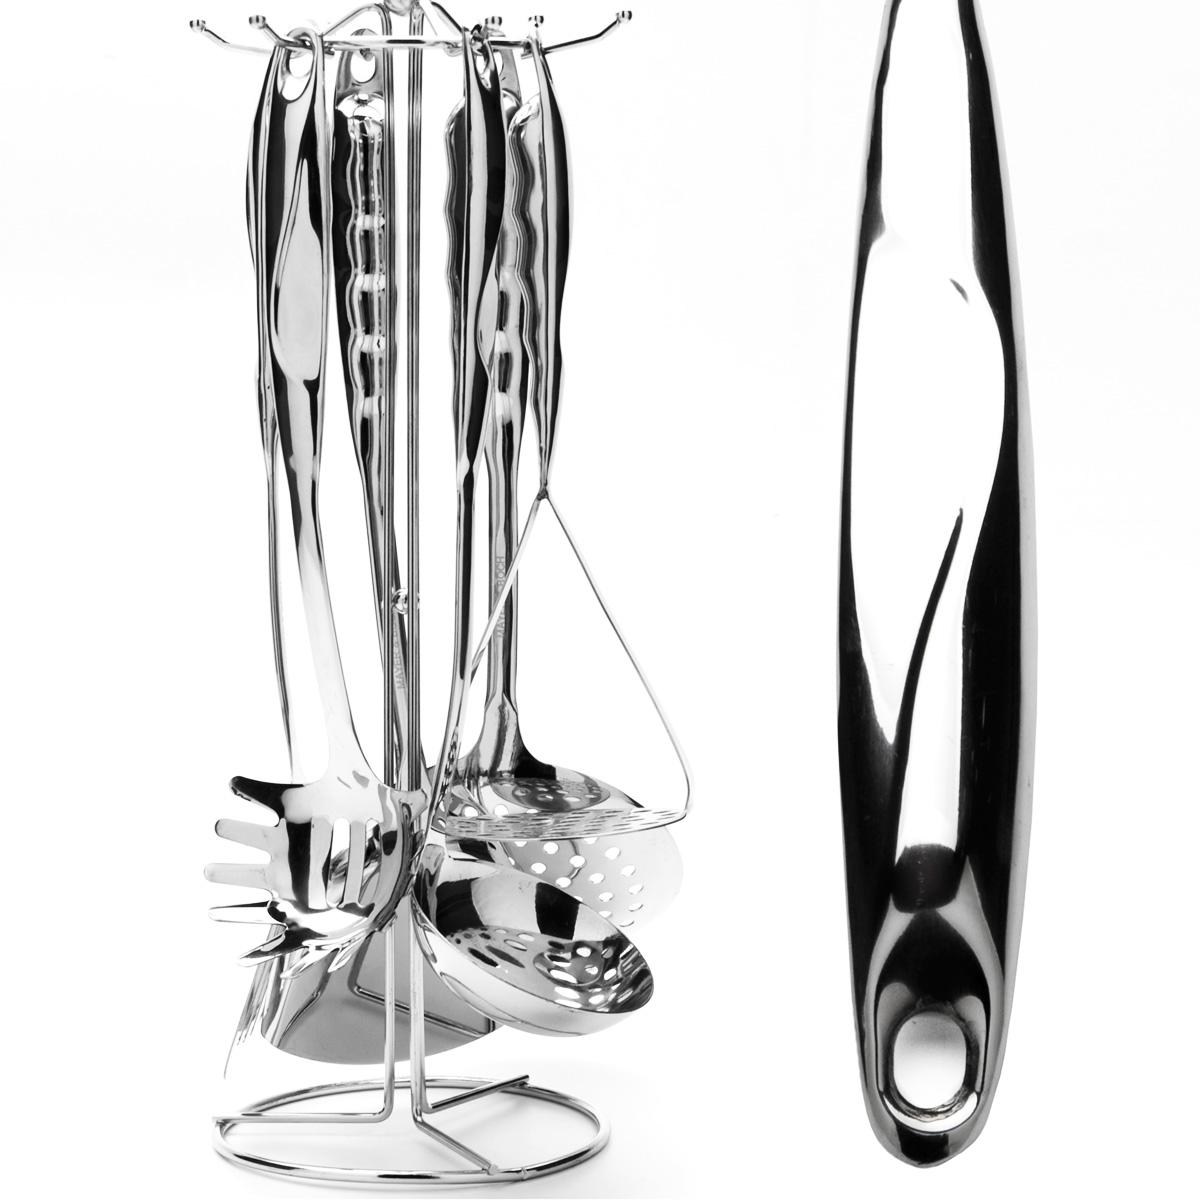 Набор кухонных принадлежностей Mayer & Boch, 7 предметов. 2379223792Набор кухонных принадлежностей Mayer & Boch выполнен из высококачественной нержавеющей стали c зеркальной поверхностью. Набор состоит из ложки для спагетти, половника, шумовки, двух лопаток (одна с прорезями, другая - без), картофелемялки и подставки. Все кухонные принадлежности имеют петельку, с помощью которой их можно подвесить на подставку с крючками. Эксклюзивный дизайн, эстетичность и функциональность набора позволят ему занять достойное место среди кухонного инвентаря. Набор пригоден для мытья в посудомоечной машине. Длина ложки для спагетти: 32 см. Размер рабочей поверхности ложки для спагетти: 8,5 см х 8 см. Длина половника: 34 см. Диаметр рабочей поверхности половника: 9 см. Длина шумовки: 35 см. Диаметр рабочей поверхности шумовки: 12 см. Длина лопатки: 37 см. Размер рабочей поверхности лопатки: 9 см х 10 см. Длина лопатки с прорезями: 36 см. Размер рабочей поверхности лопатки с прорезями: 8 см х 8 см. ...